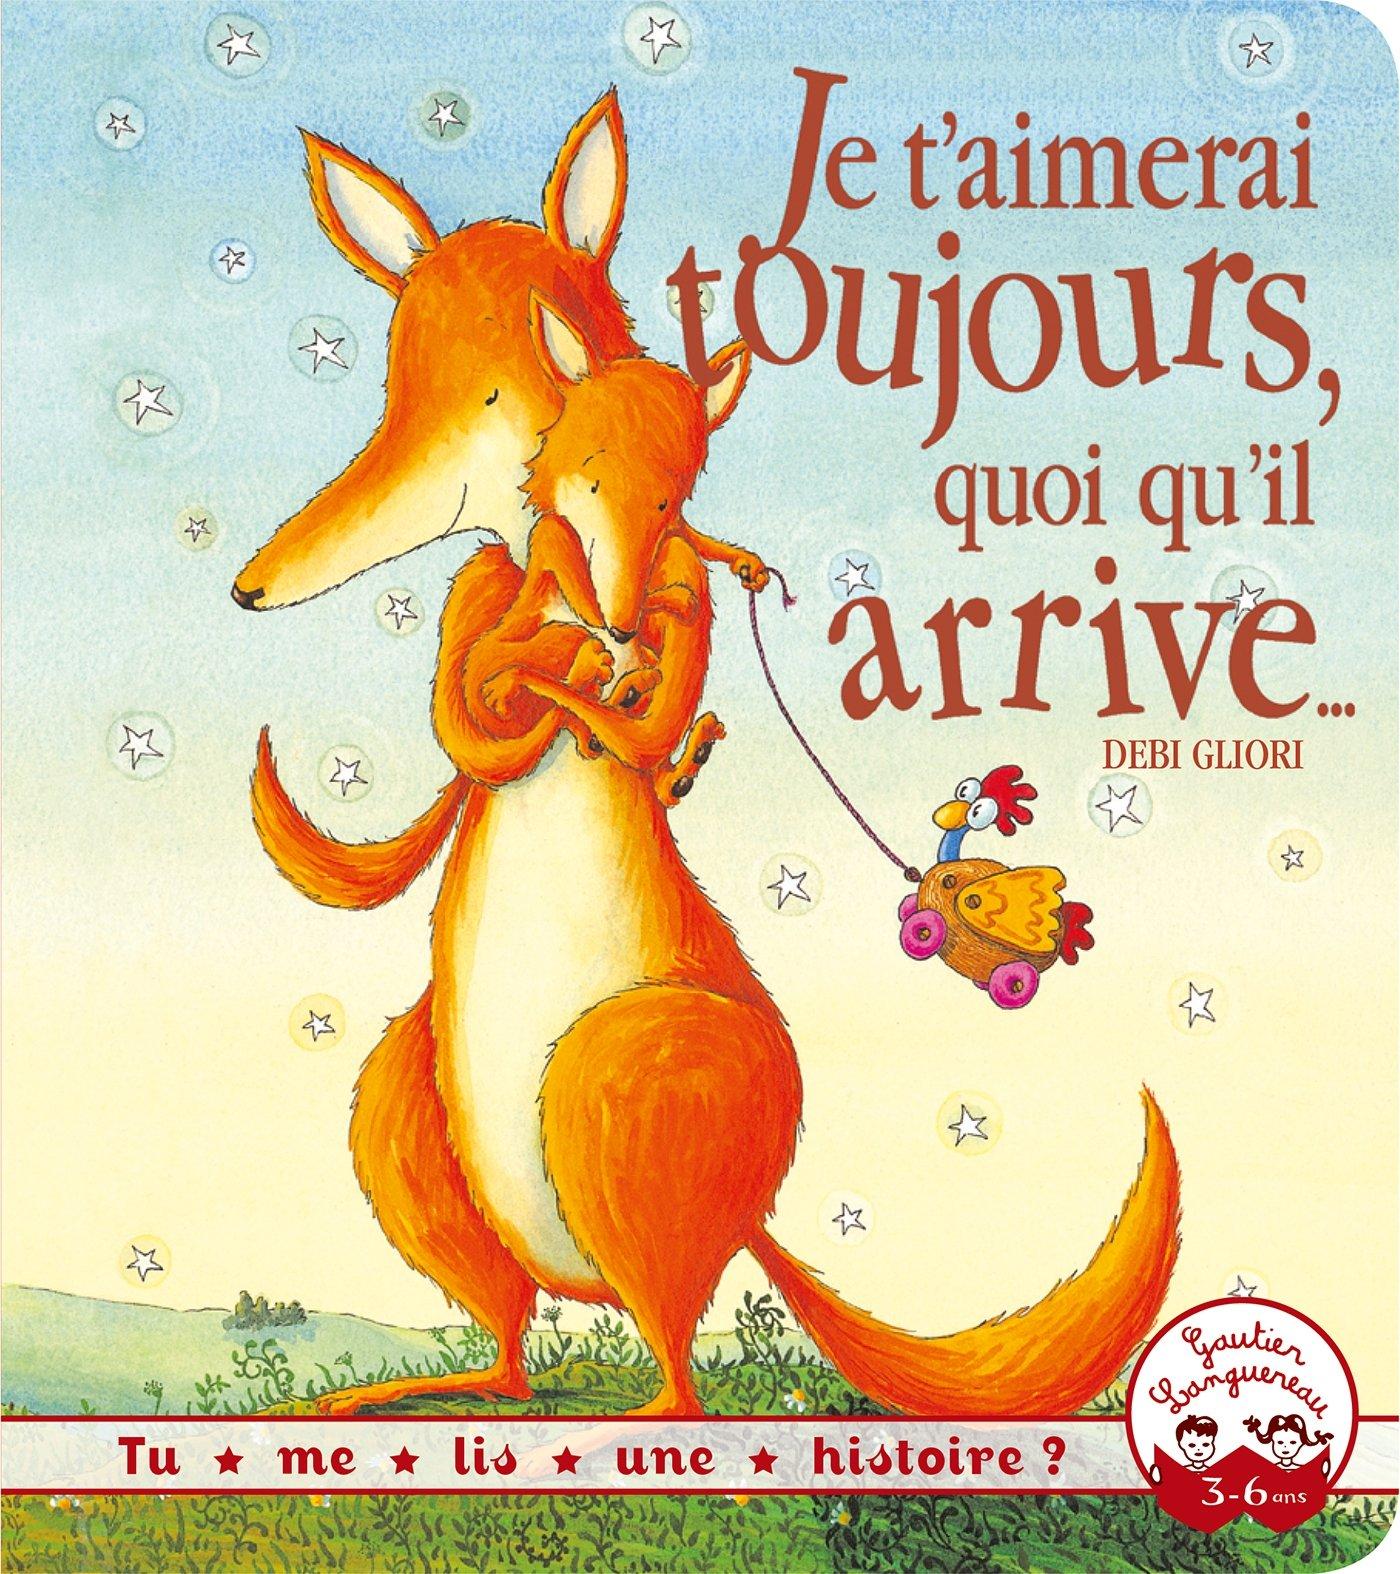 Je t'aimerai toujours, quoi qu'il arrive... Album – 5 mars 2014 Debi Gliori Je t'aimerai toujours quoi qu'il arrive... Gautier Languereau